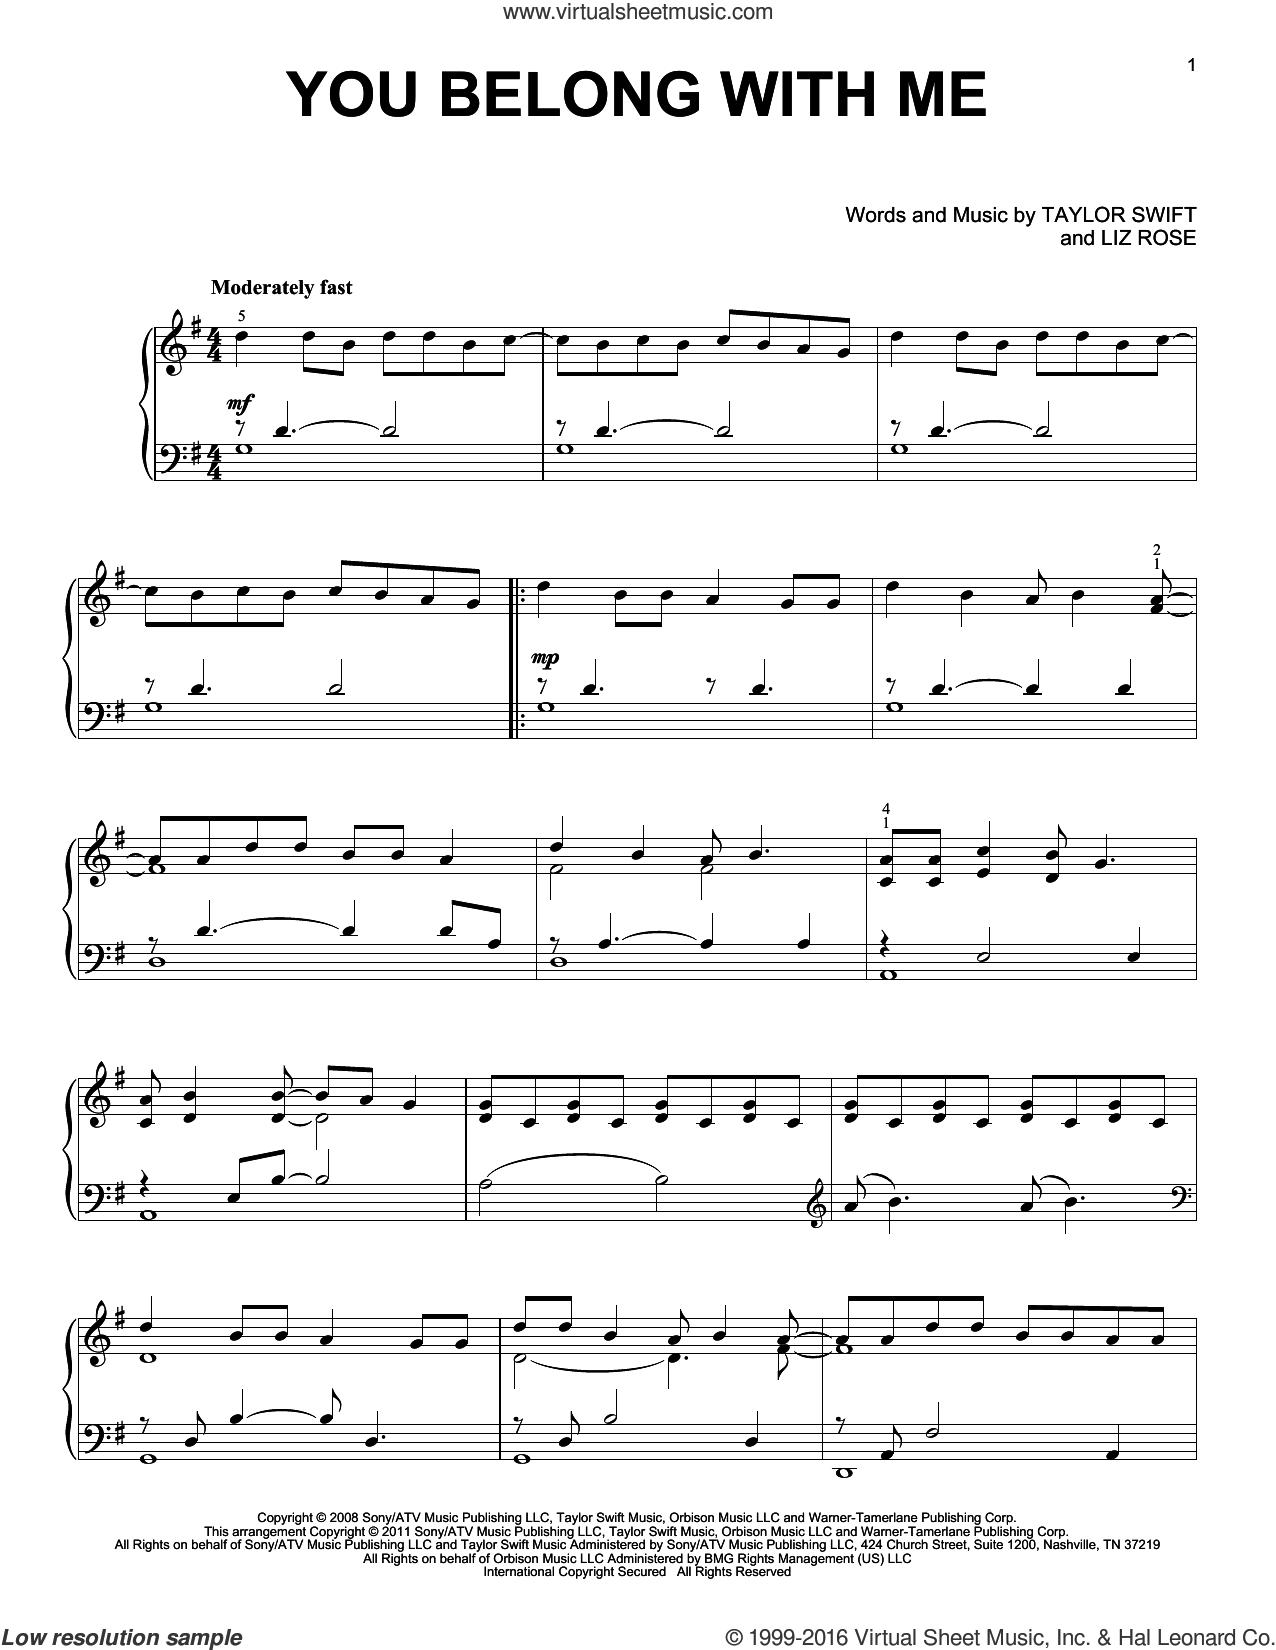 you belong to me sheet music pdf